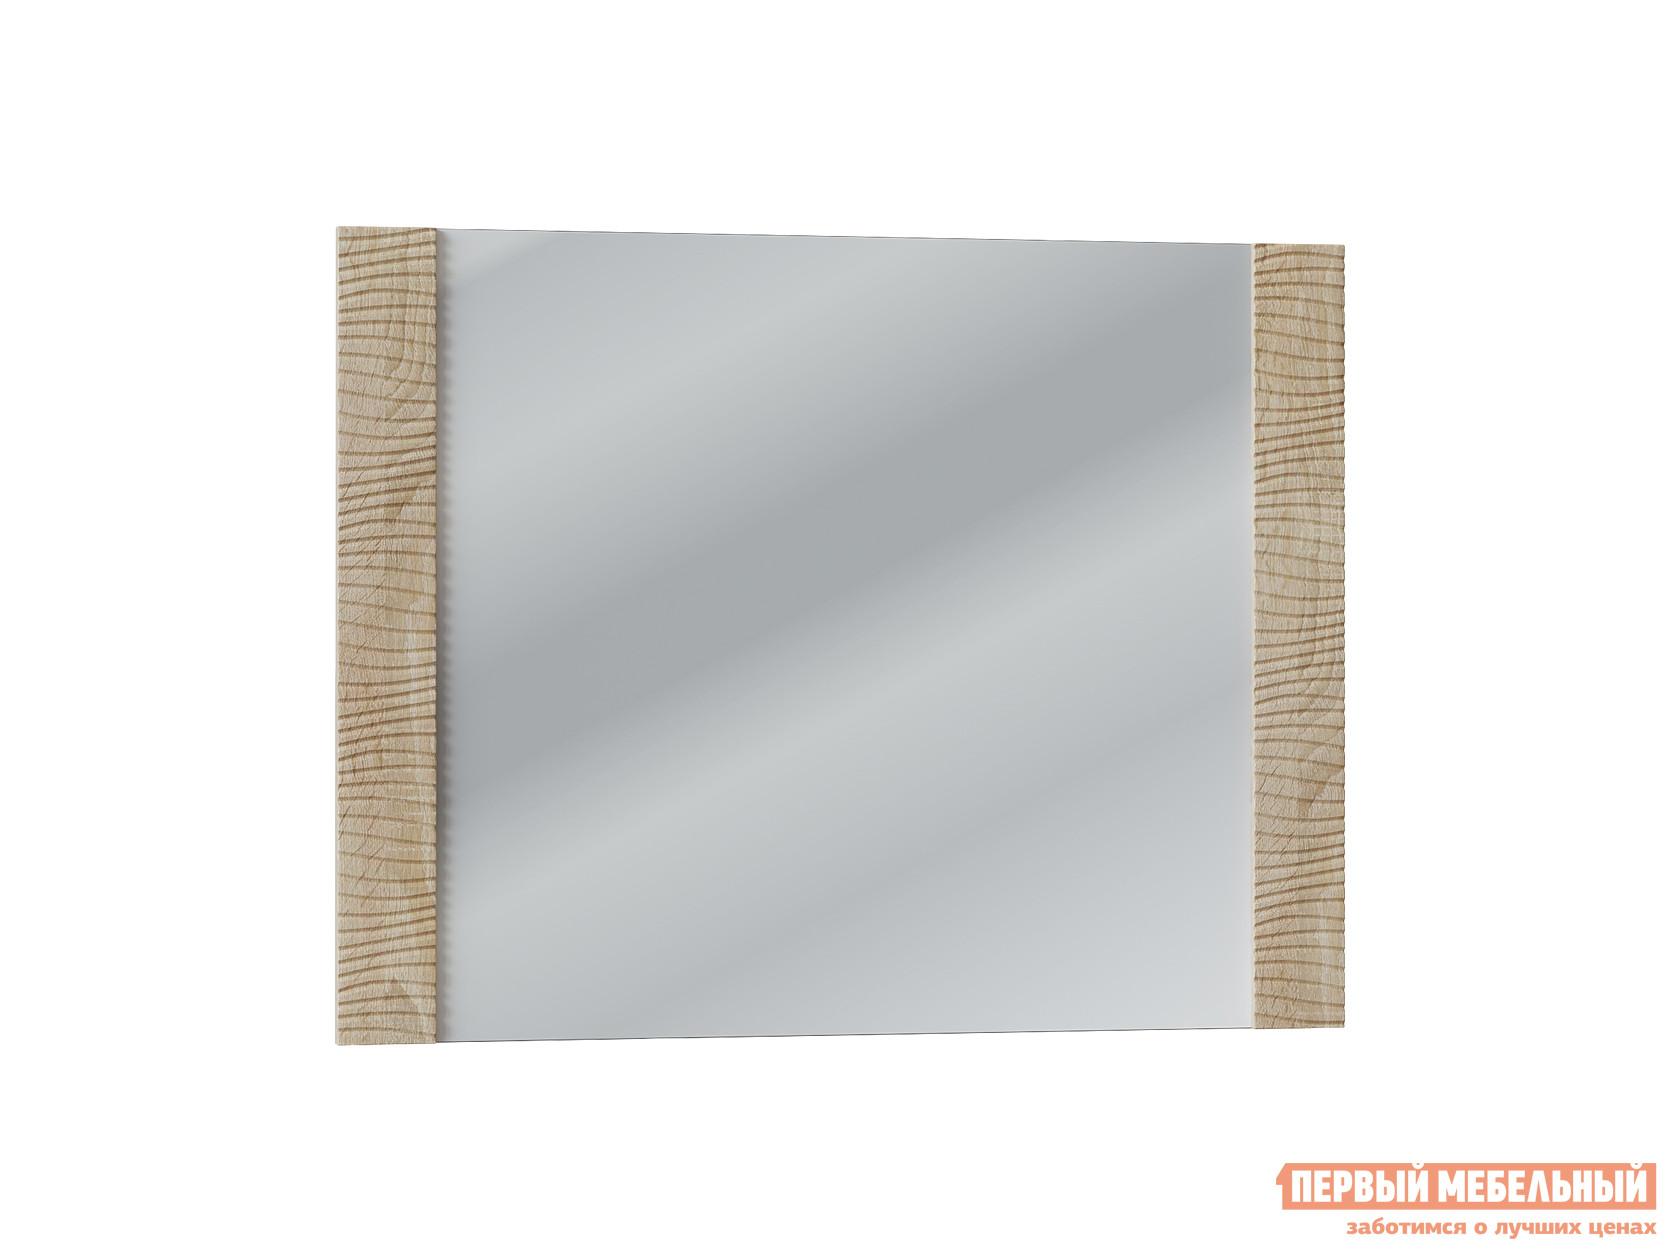 Настенное зеркало Первый Мебельный Элегия настенное зеркало первый мебельный зеркало диана